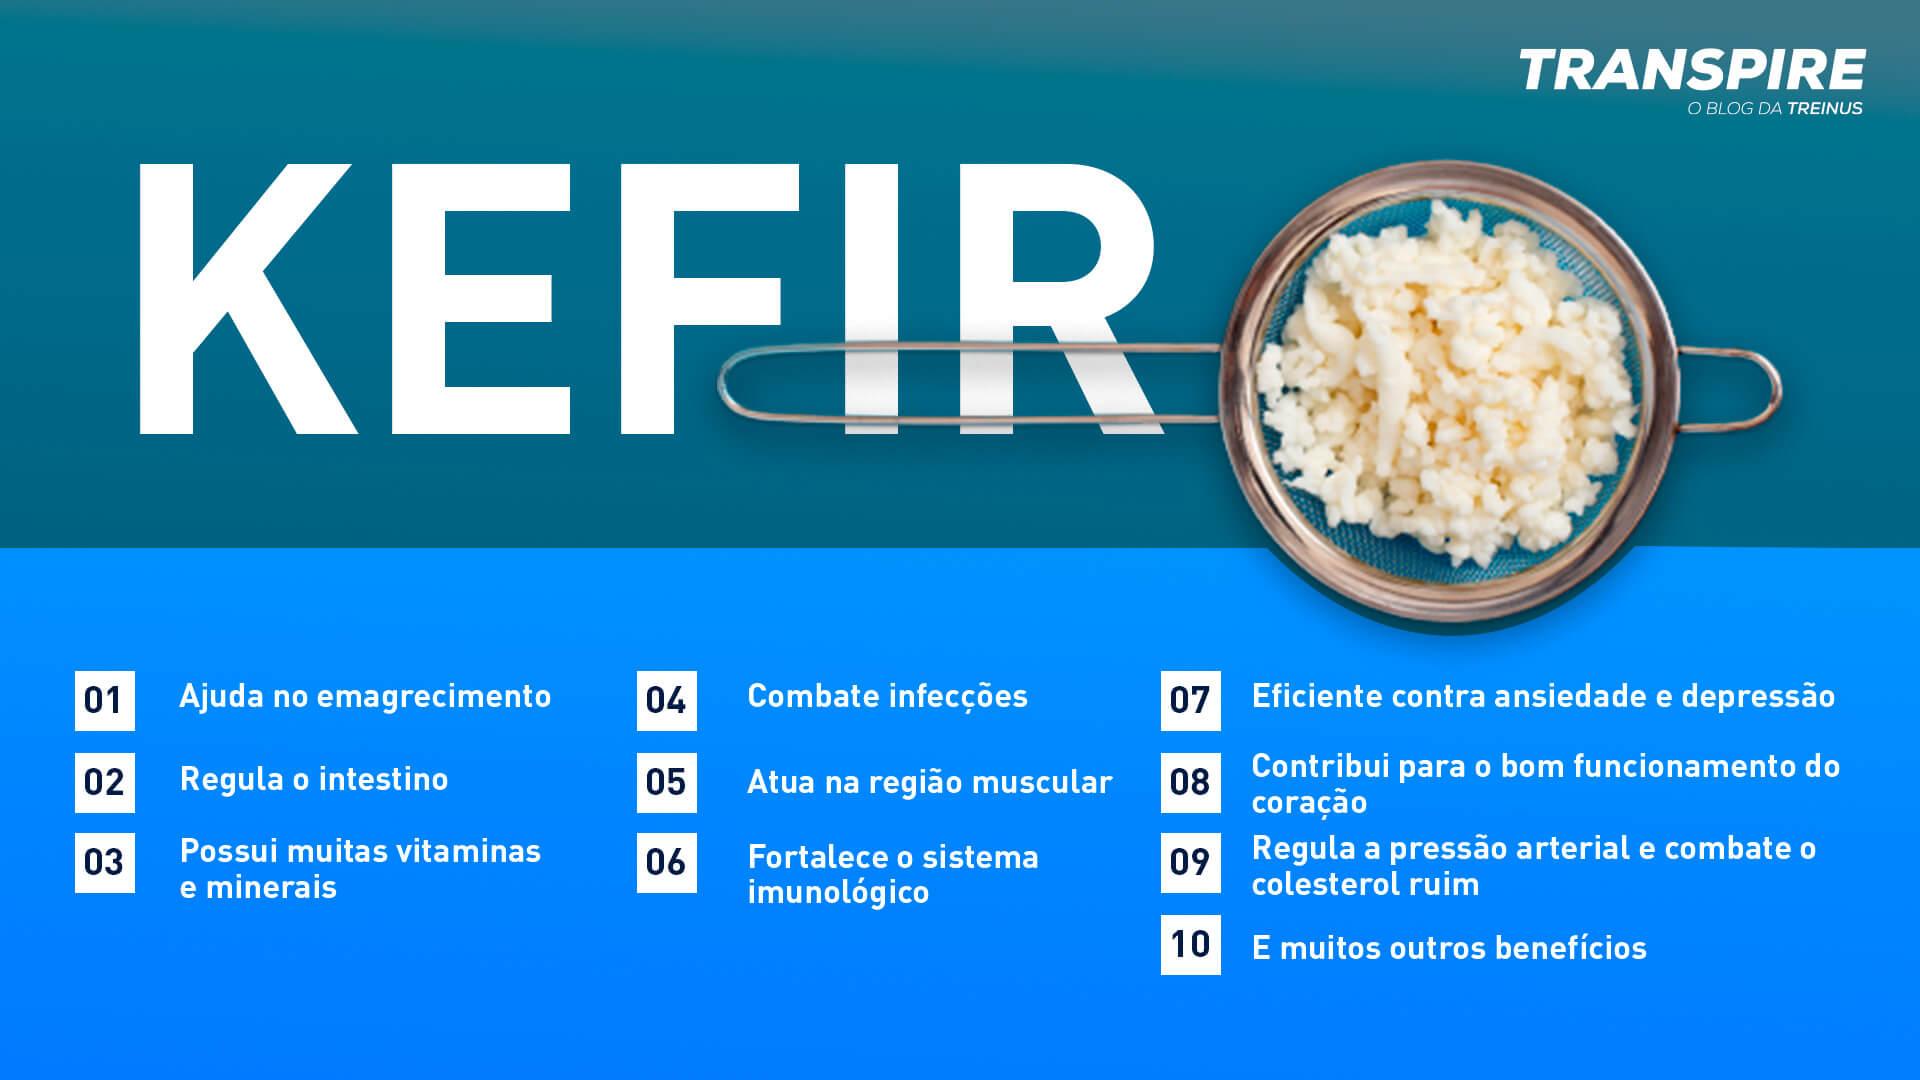 infográfico com 10 benefícios do kefir